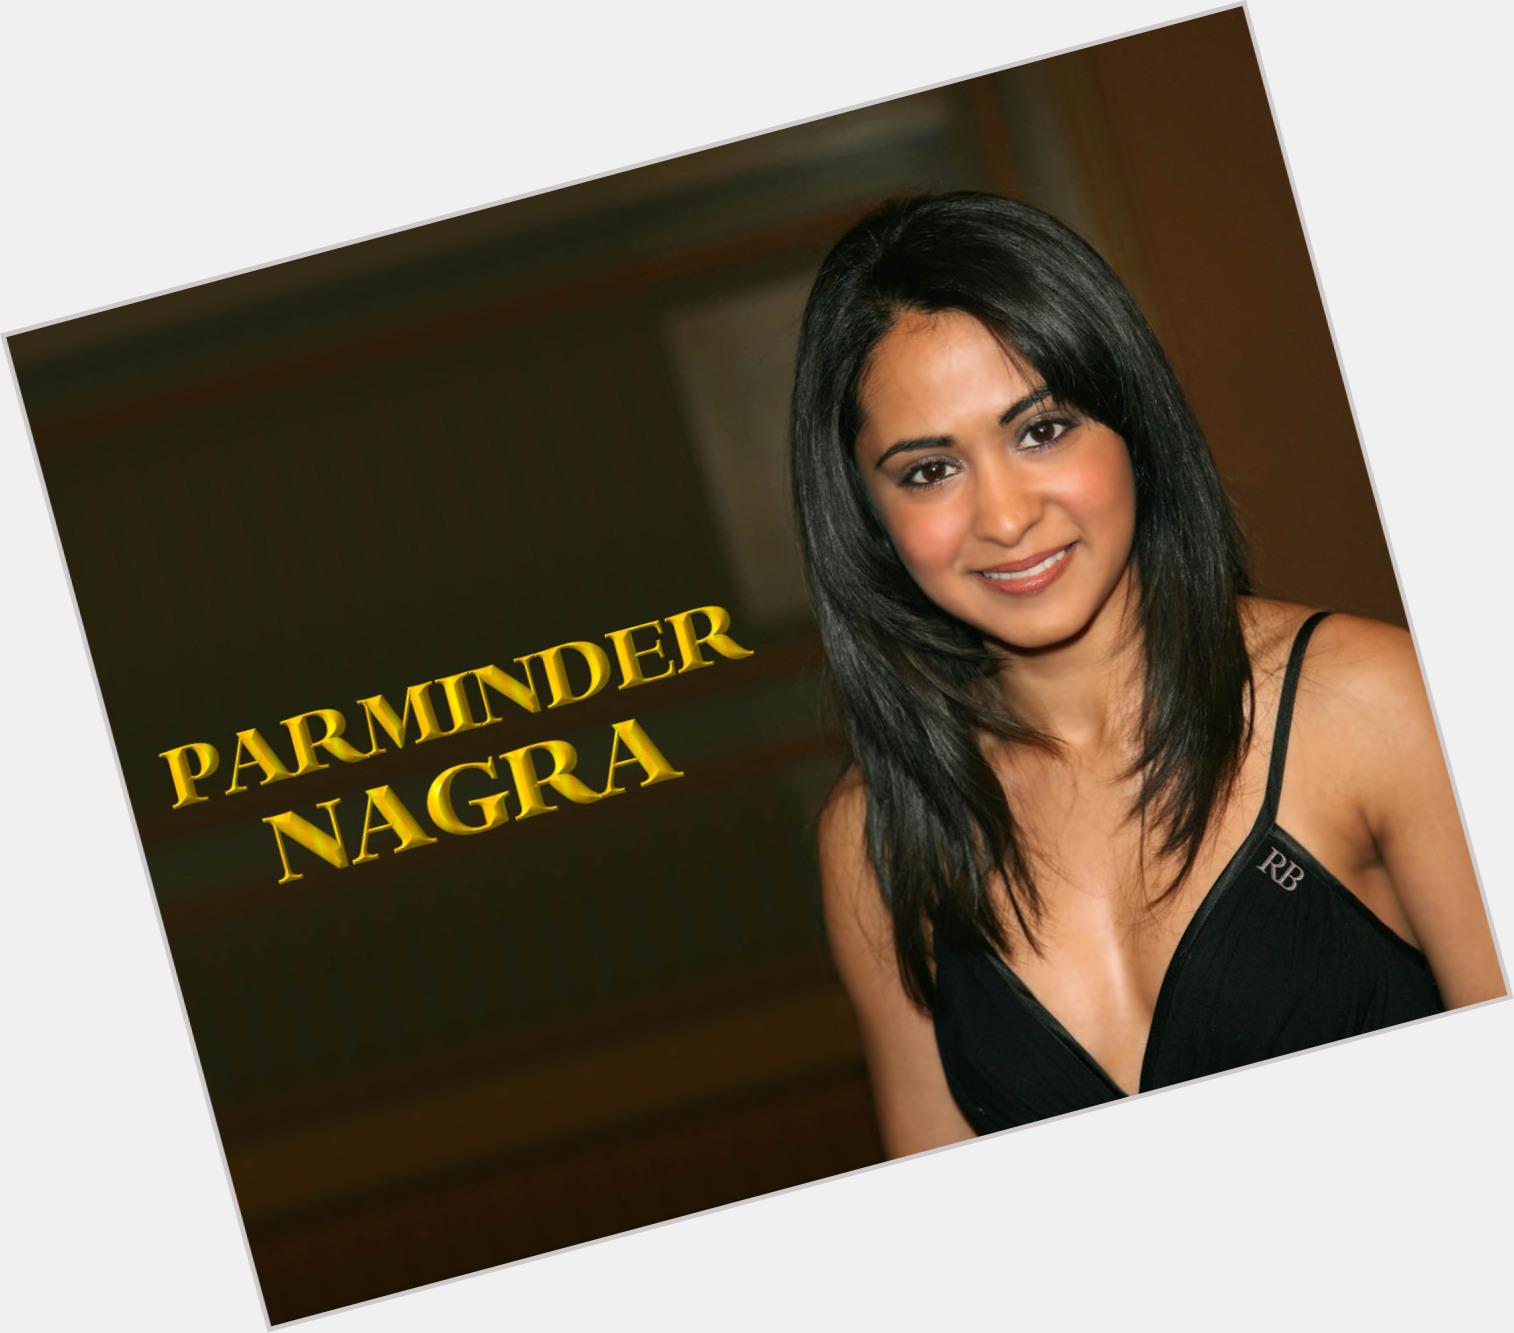 Parminder Nagra's Birthday Celebration | HappyBday.to